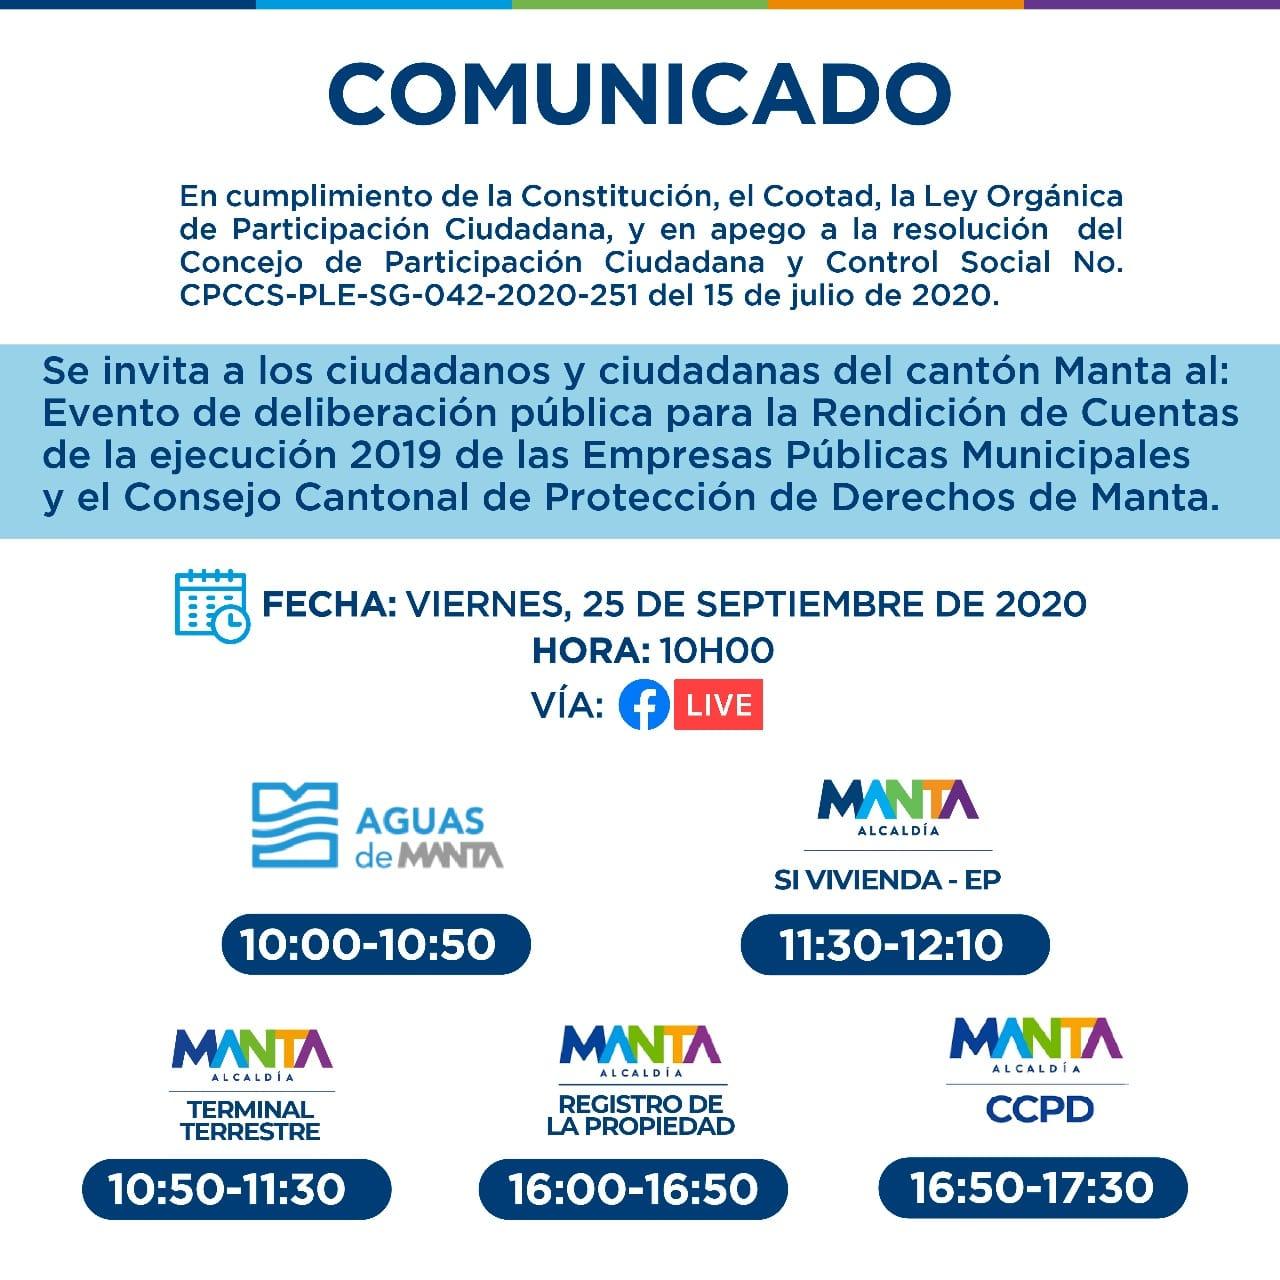 INVITACIÓN A LA RENDICIÓN DE CUENTAS 2019 DE LA EMPRESA MUNICIPAL DE VIVIENDA Y DESARROLLO URBANO SI VIVIENDA-EP.